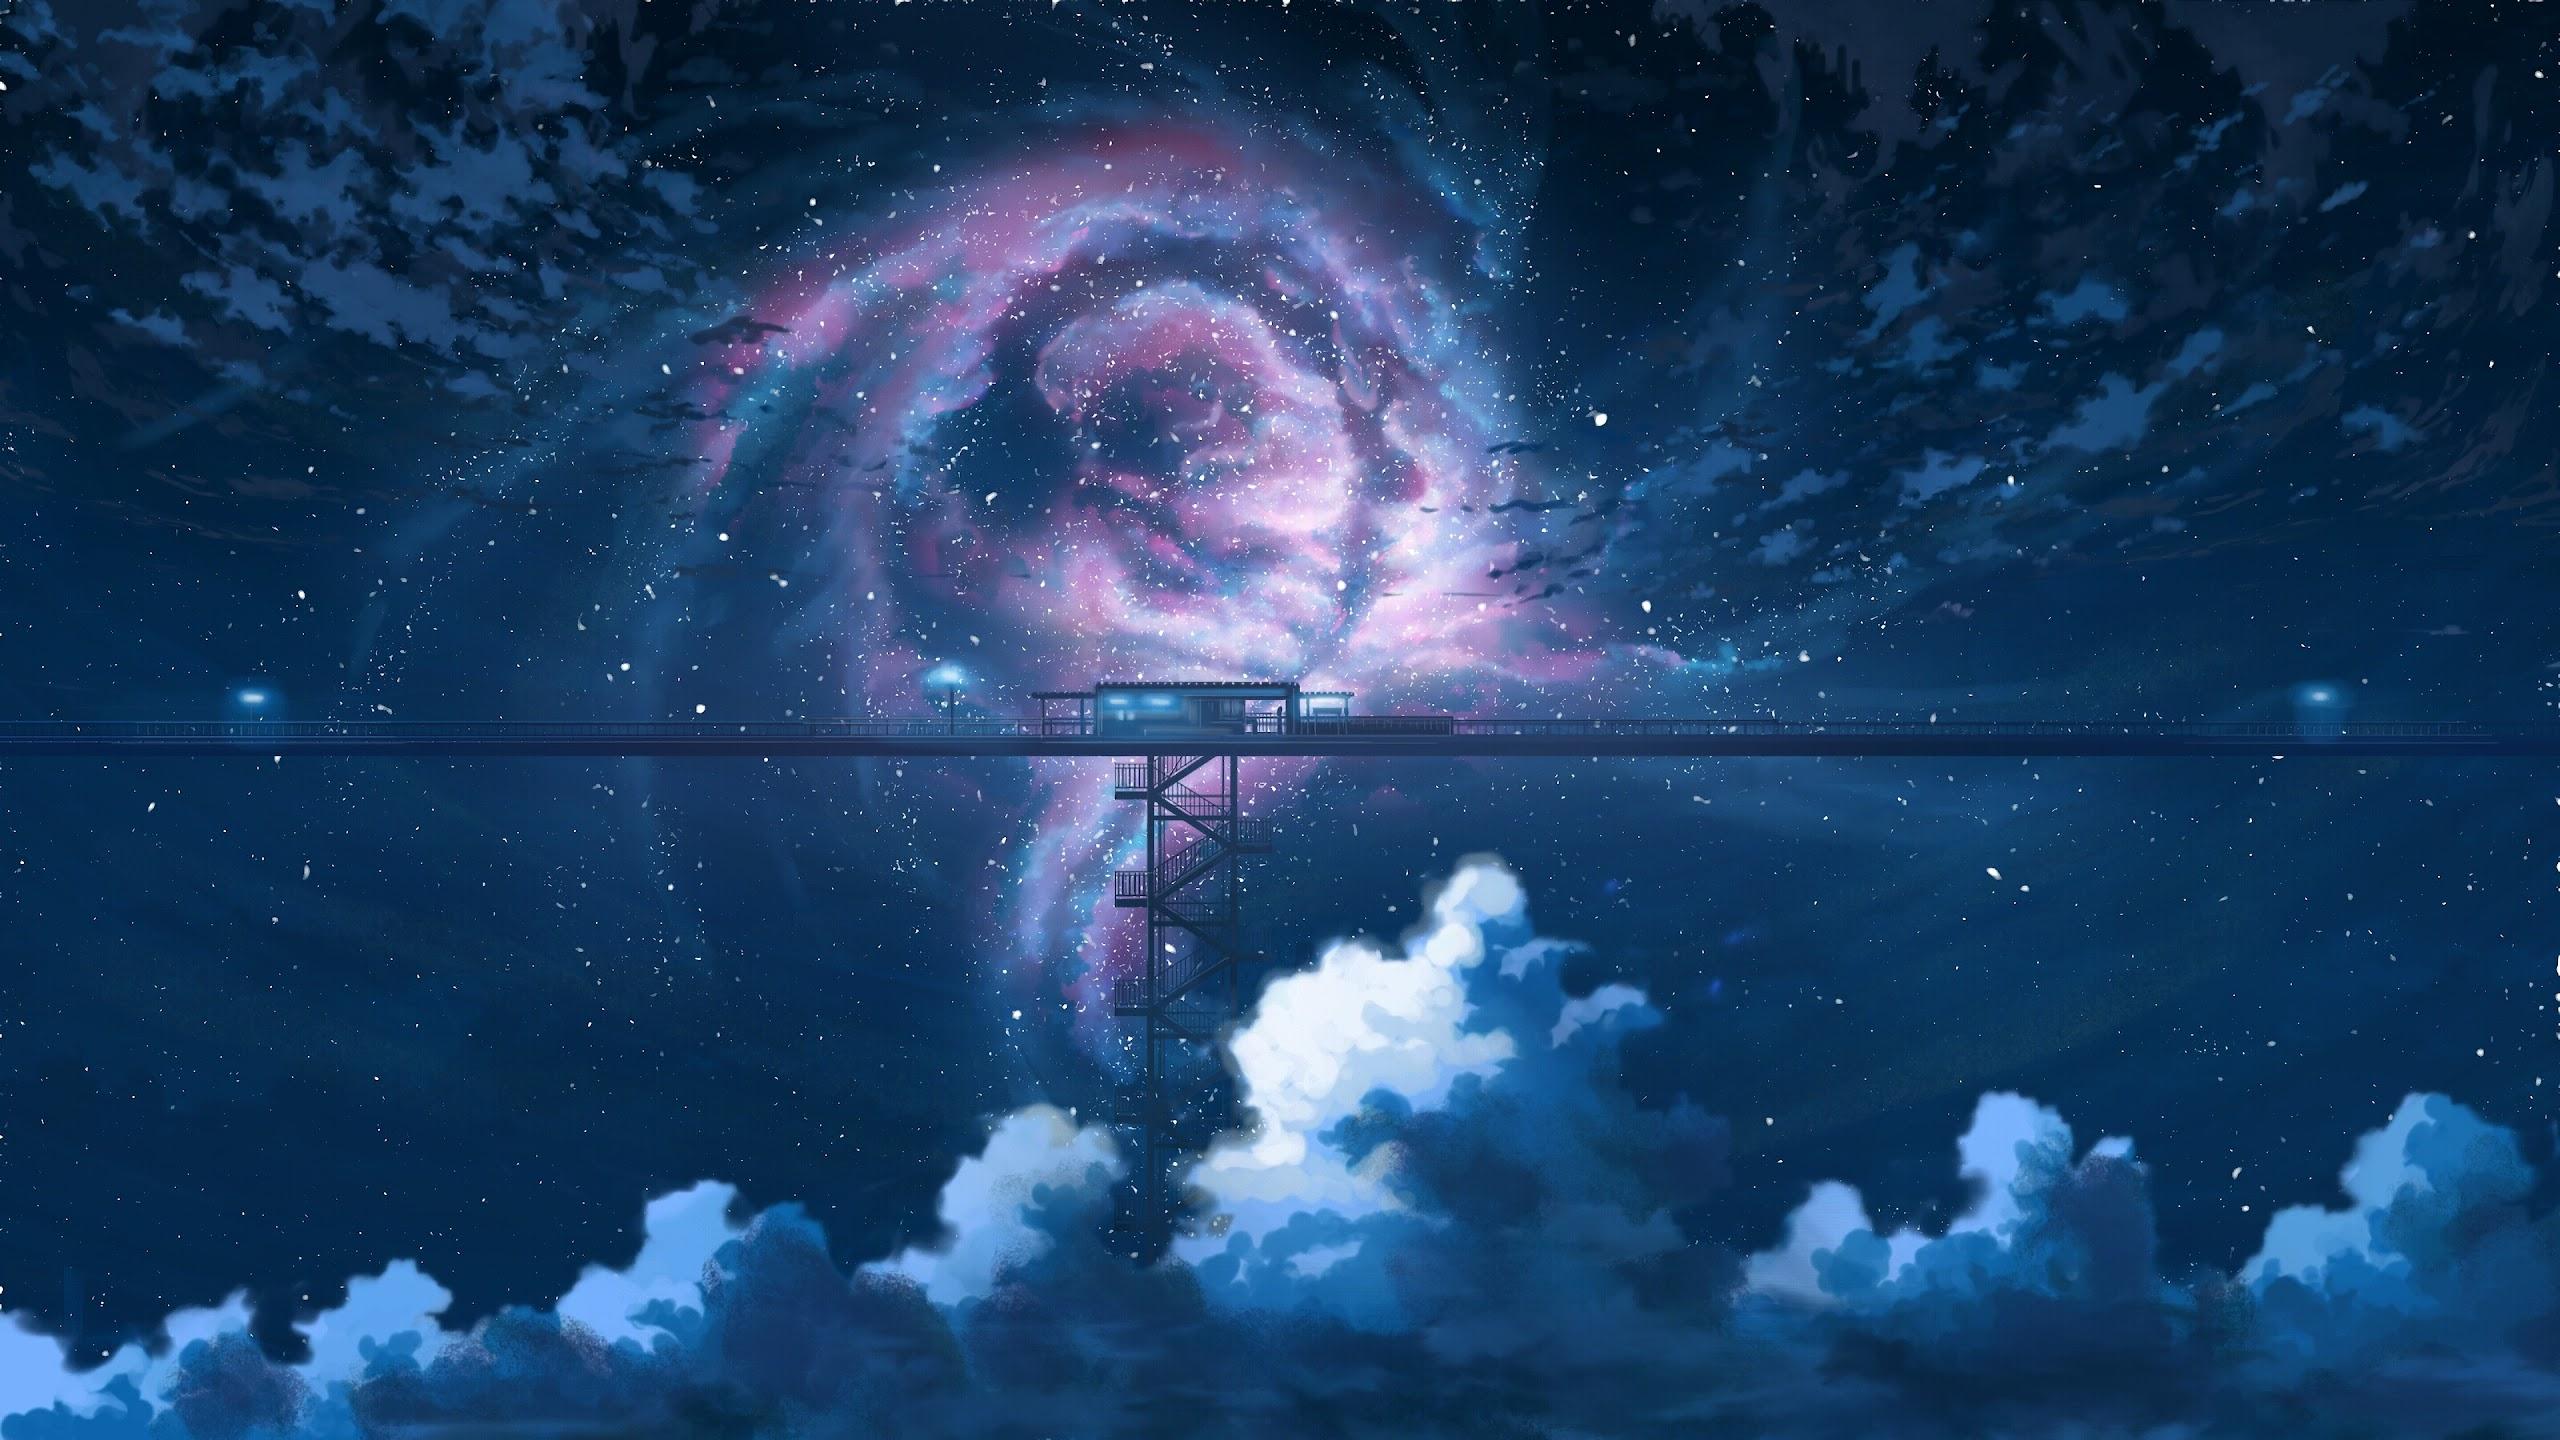 anime night sky stars clouds scenery 4K uhdpaper.com 94